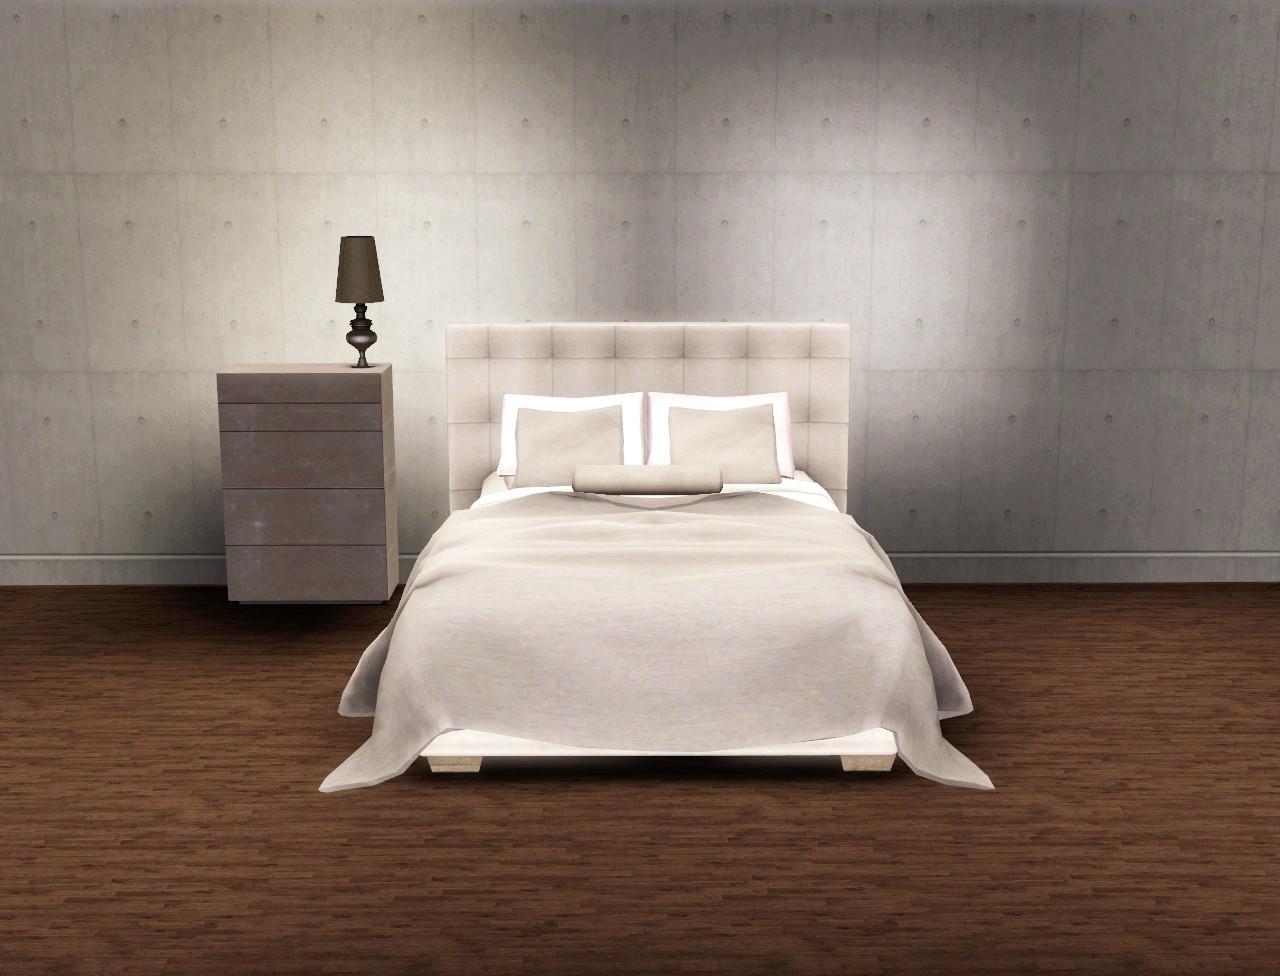 paris quadro bed set